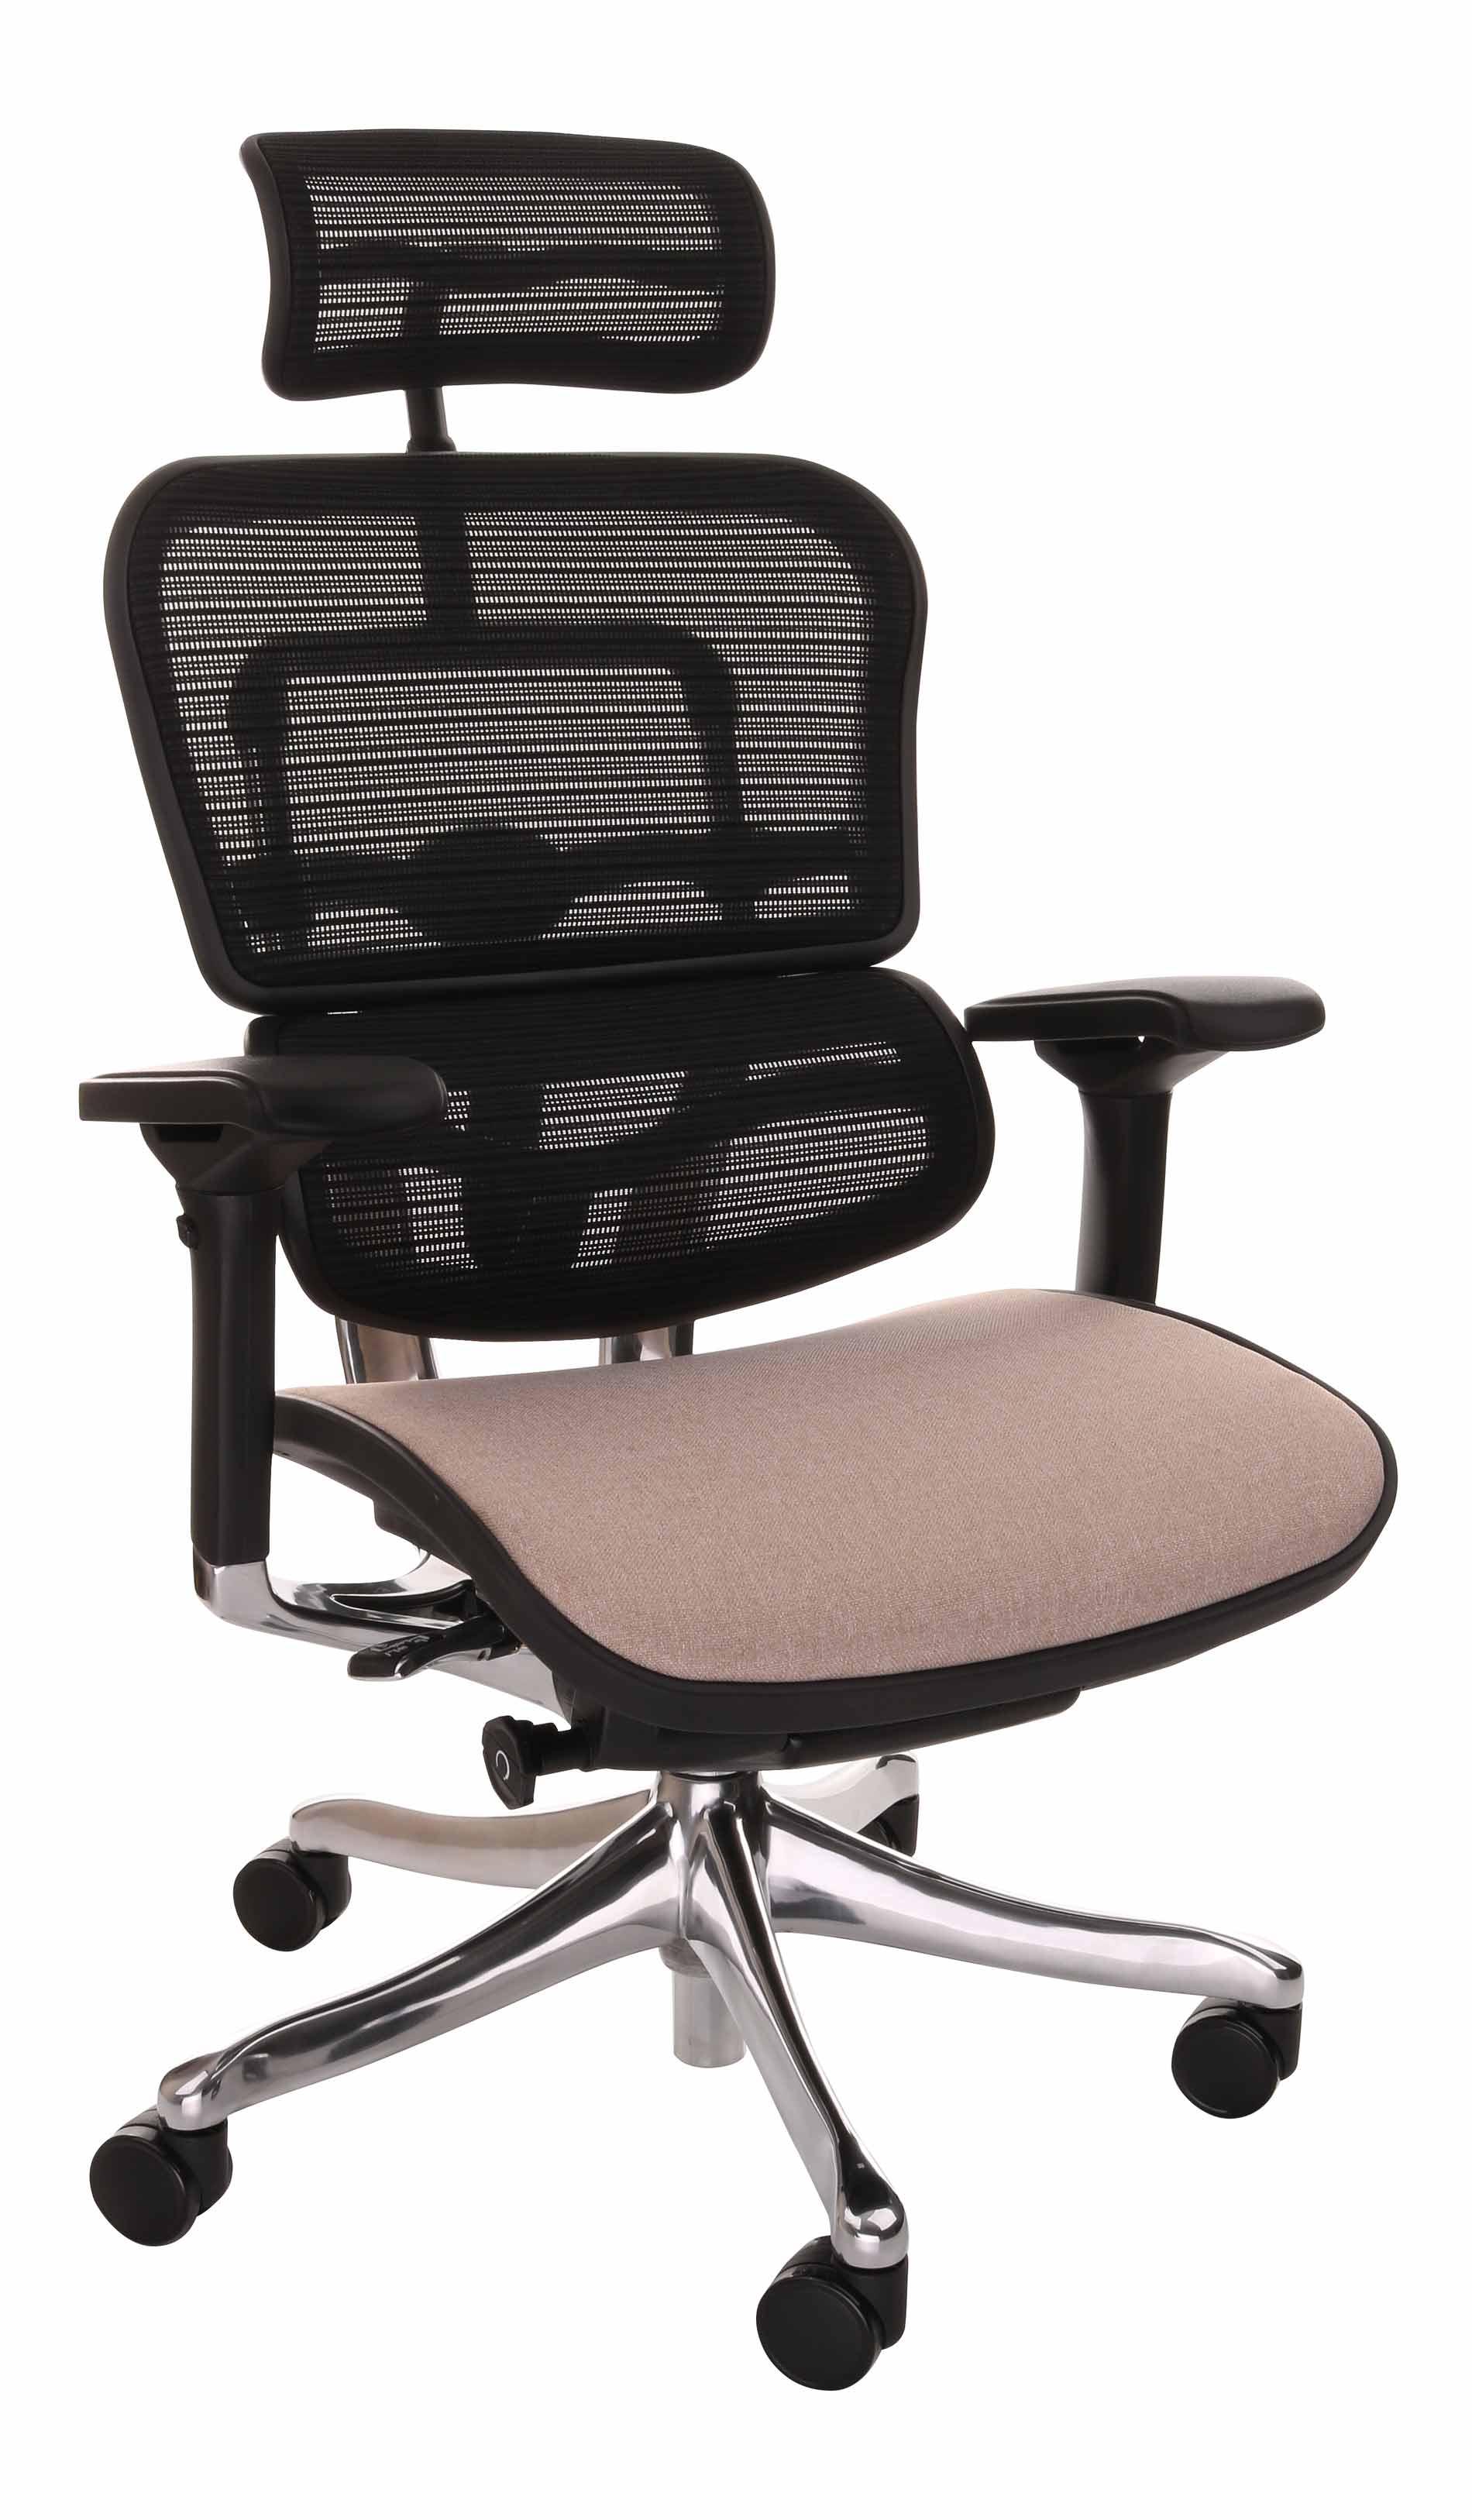 Ergohuman Plus Elite Color, Backrest: KMD 31, Seat: Flex FX02